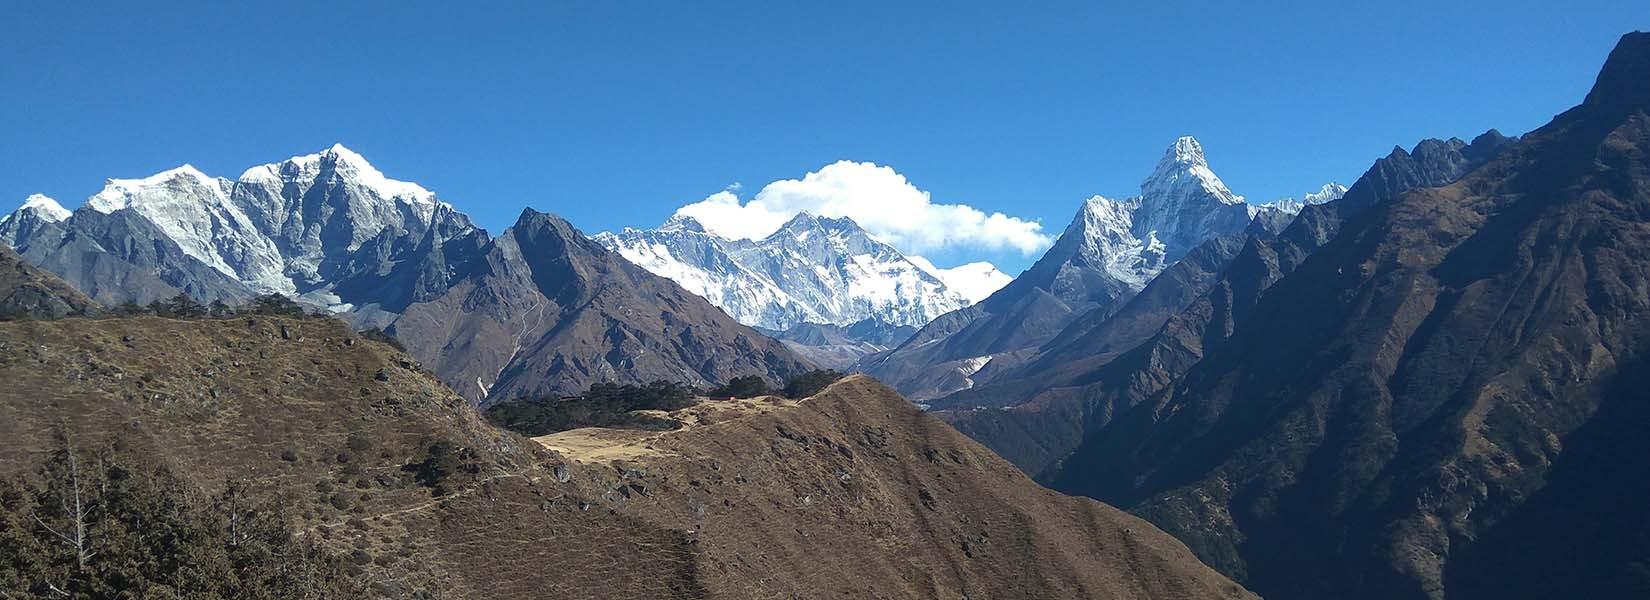 Everest View Trek 5 Days